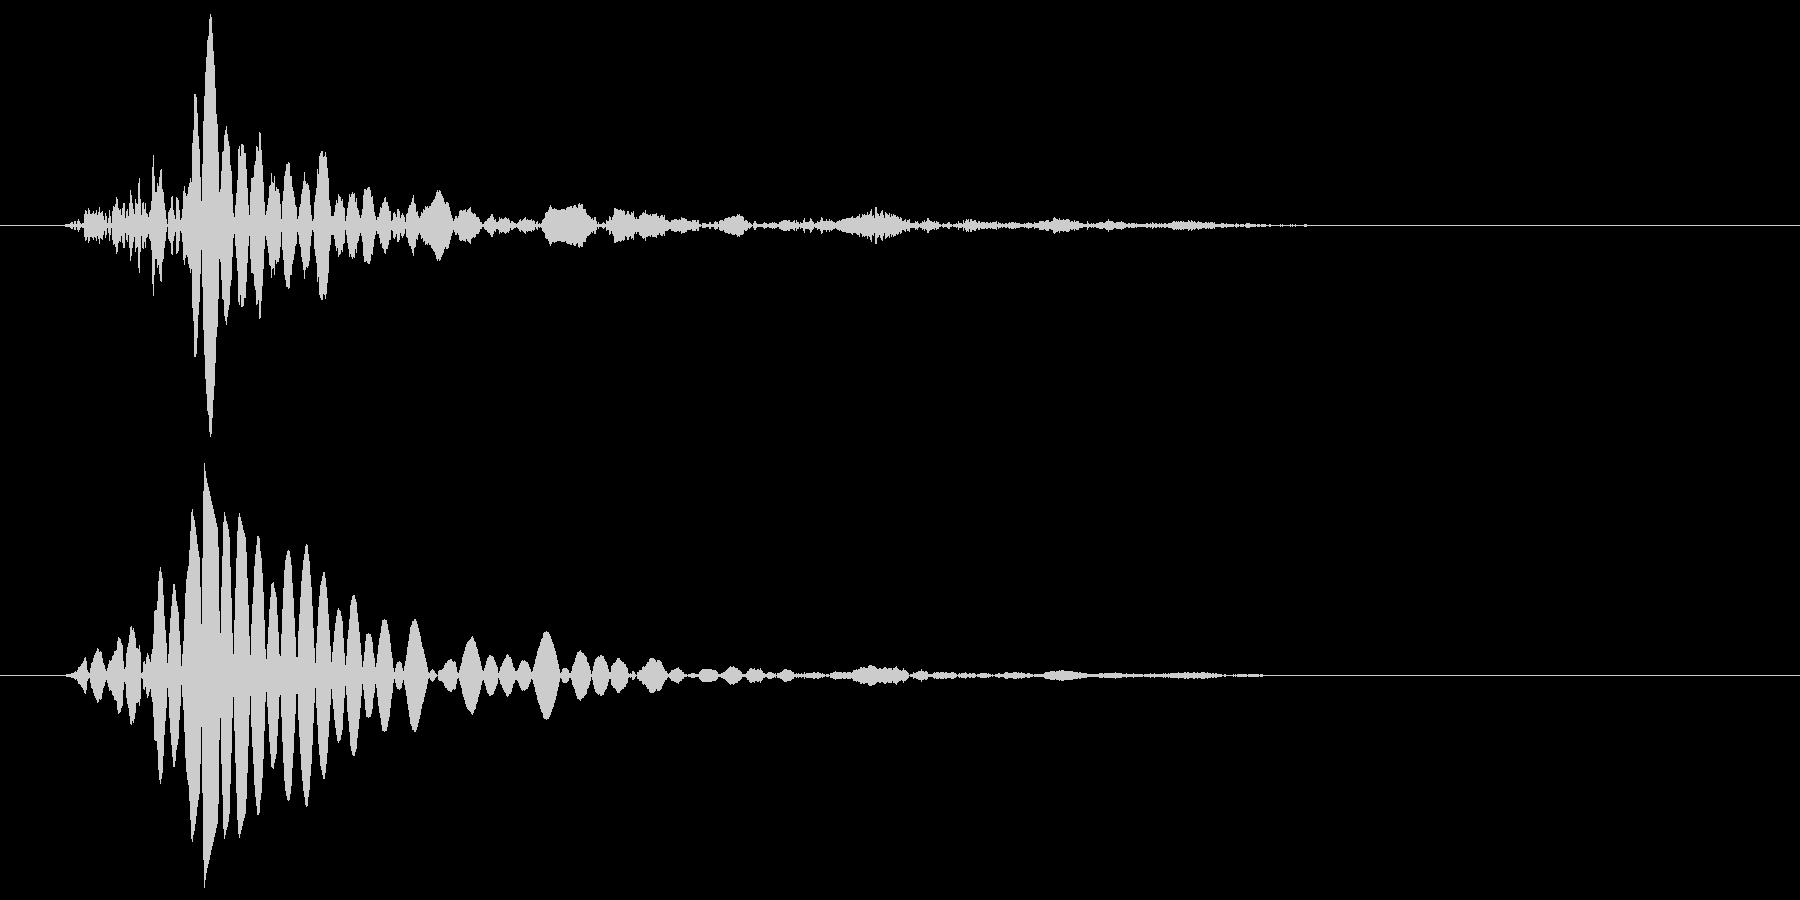 ドンという低いエアー音の未再生の波形